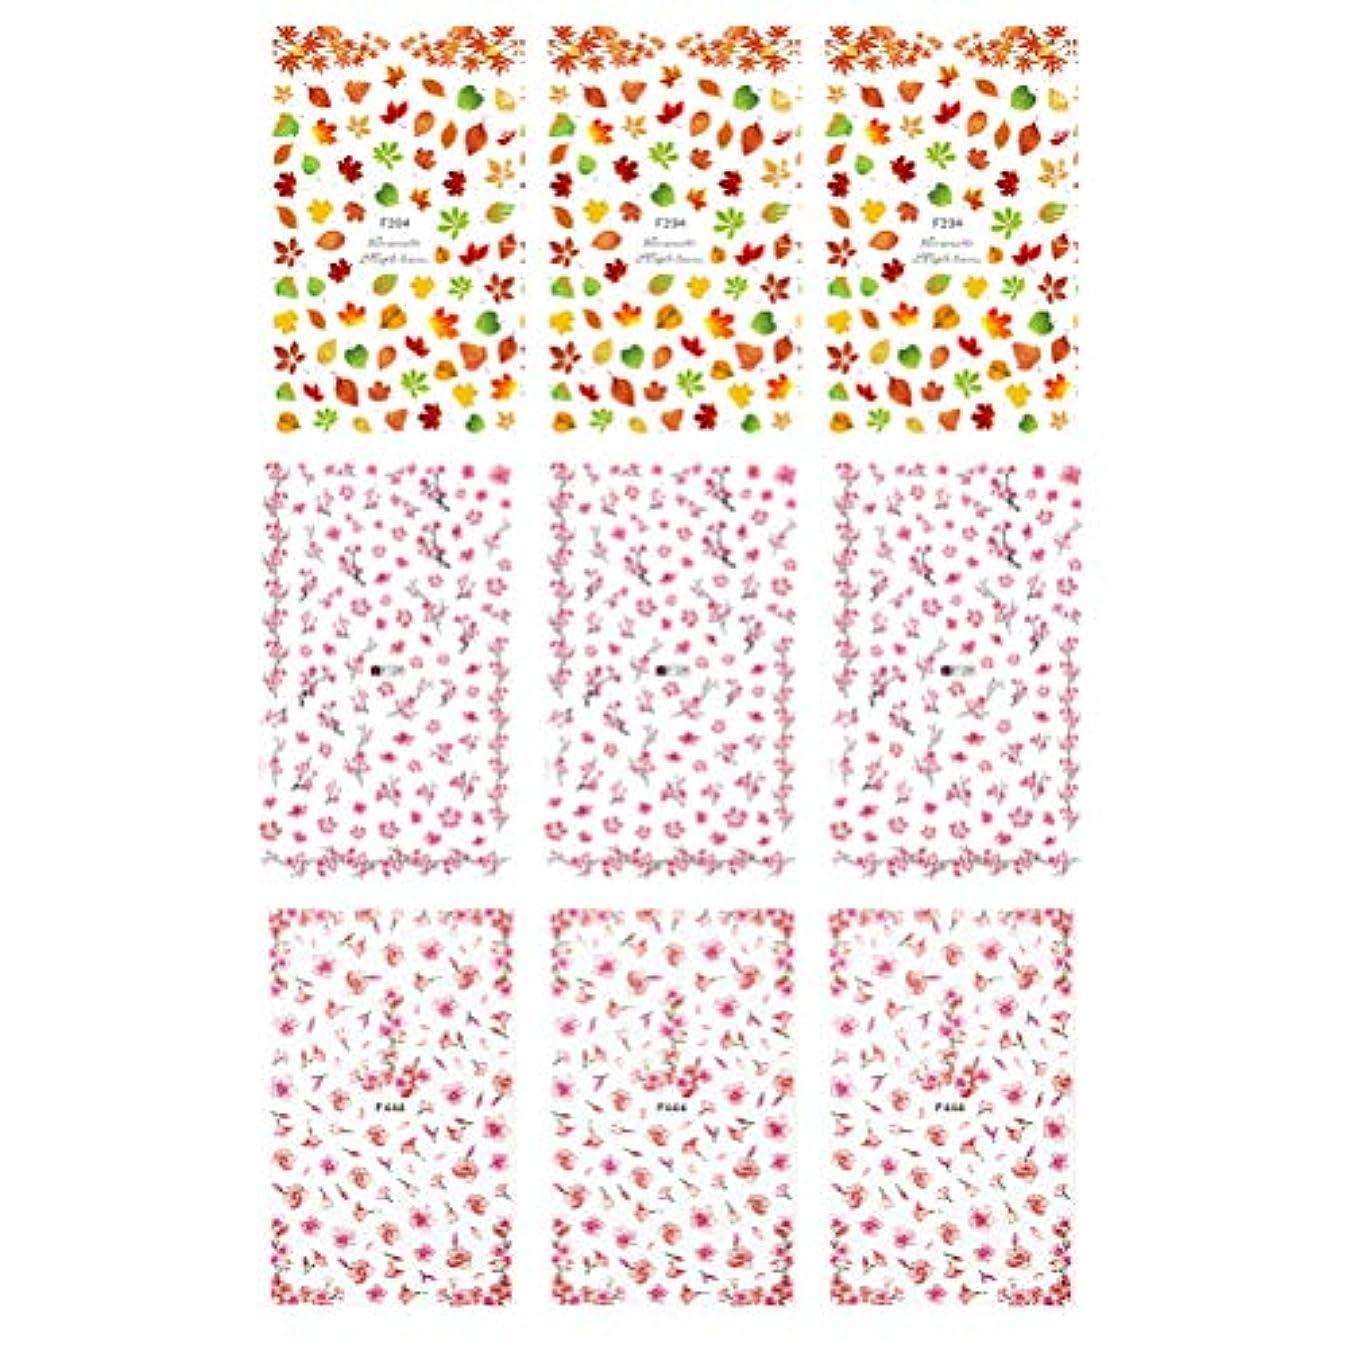 クスクス今晩レーニン主義Frcolor ネイルシール 花 3D ネイルステッカー 水彩風 ネイルホイル ももの花 桜 ネイルアートシール 爪に貼るだけ マニキュア 3種類 9枚セット